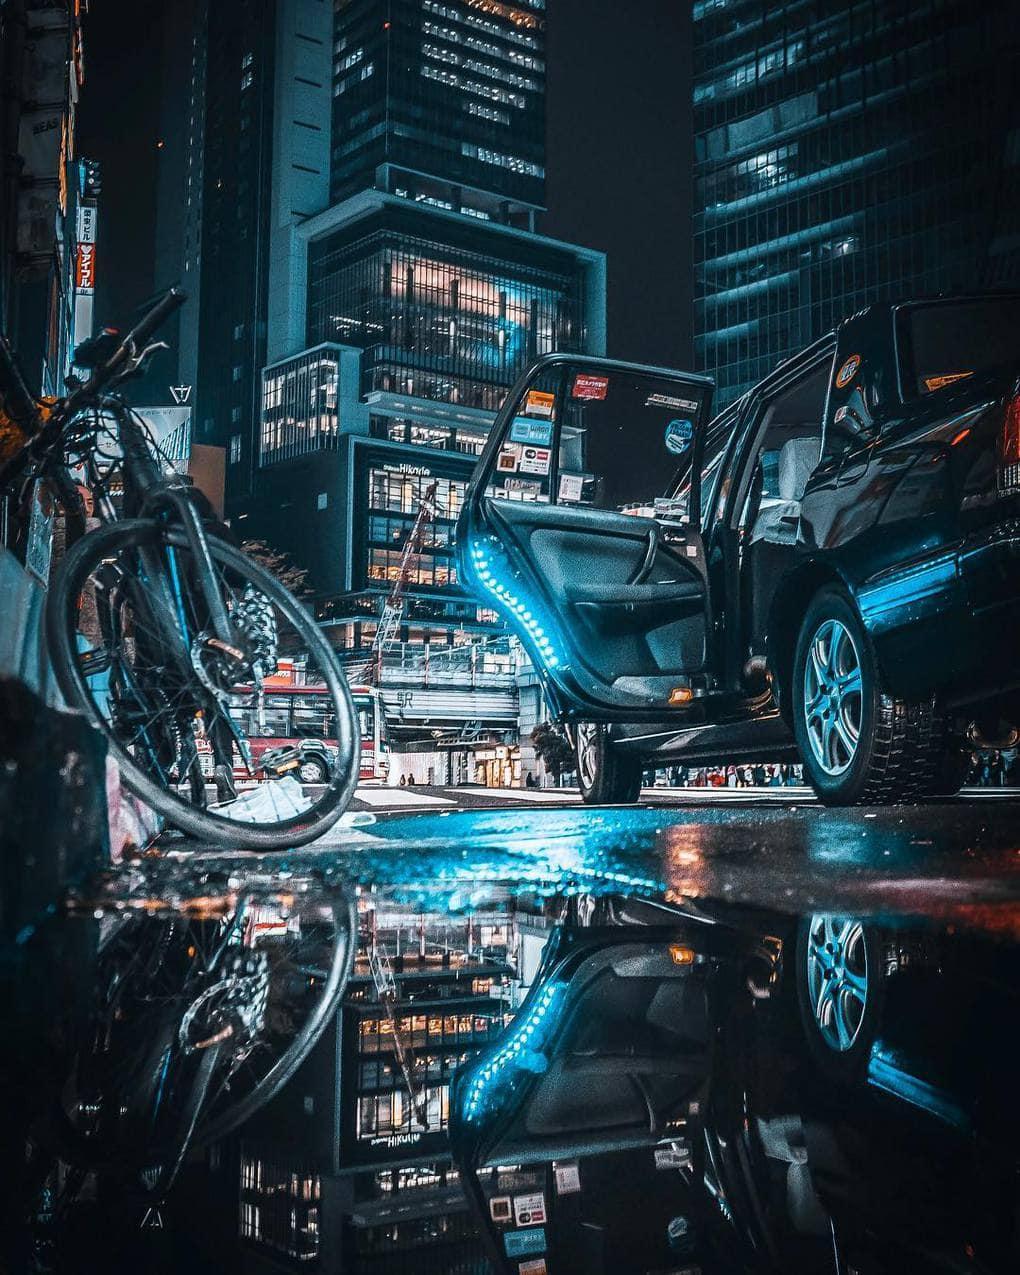 jungraphy 58409942 570601933350081 2282677911876204592 n - 25 работ фотографа из Токио, которые погрузят вас в магическую атмосферу ночных японских улиц